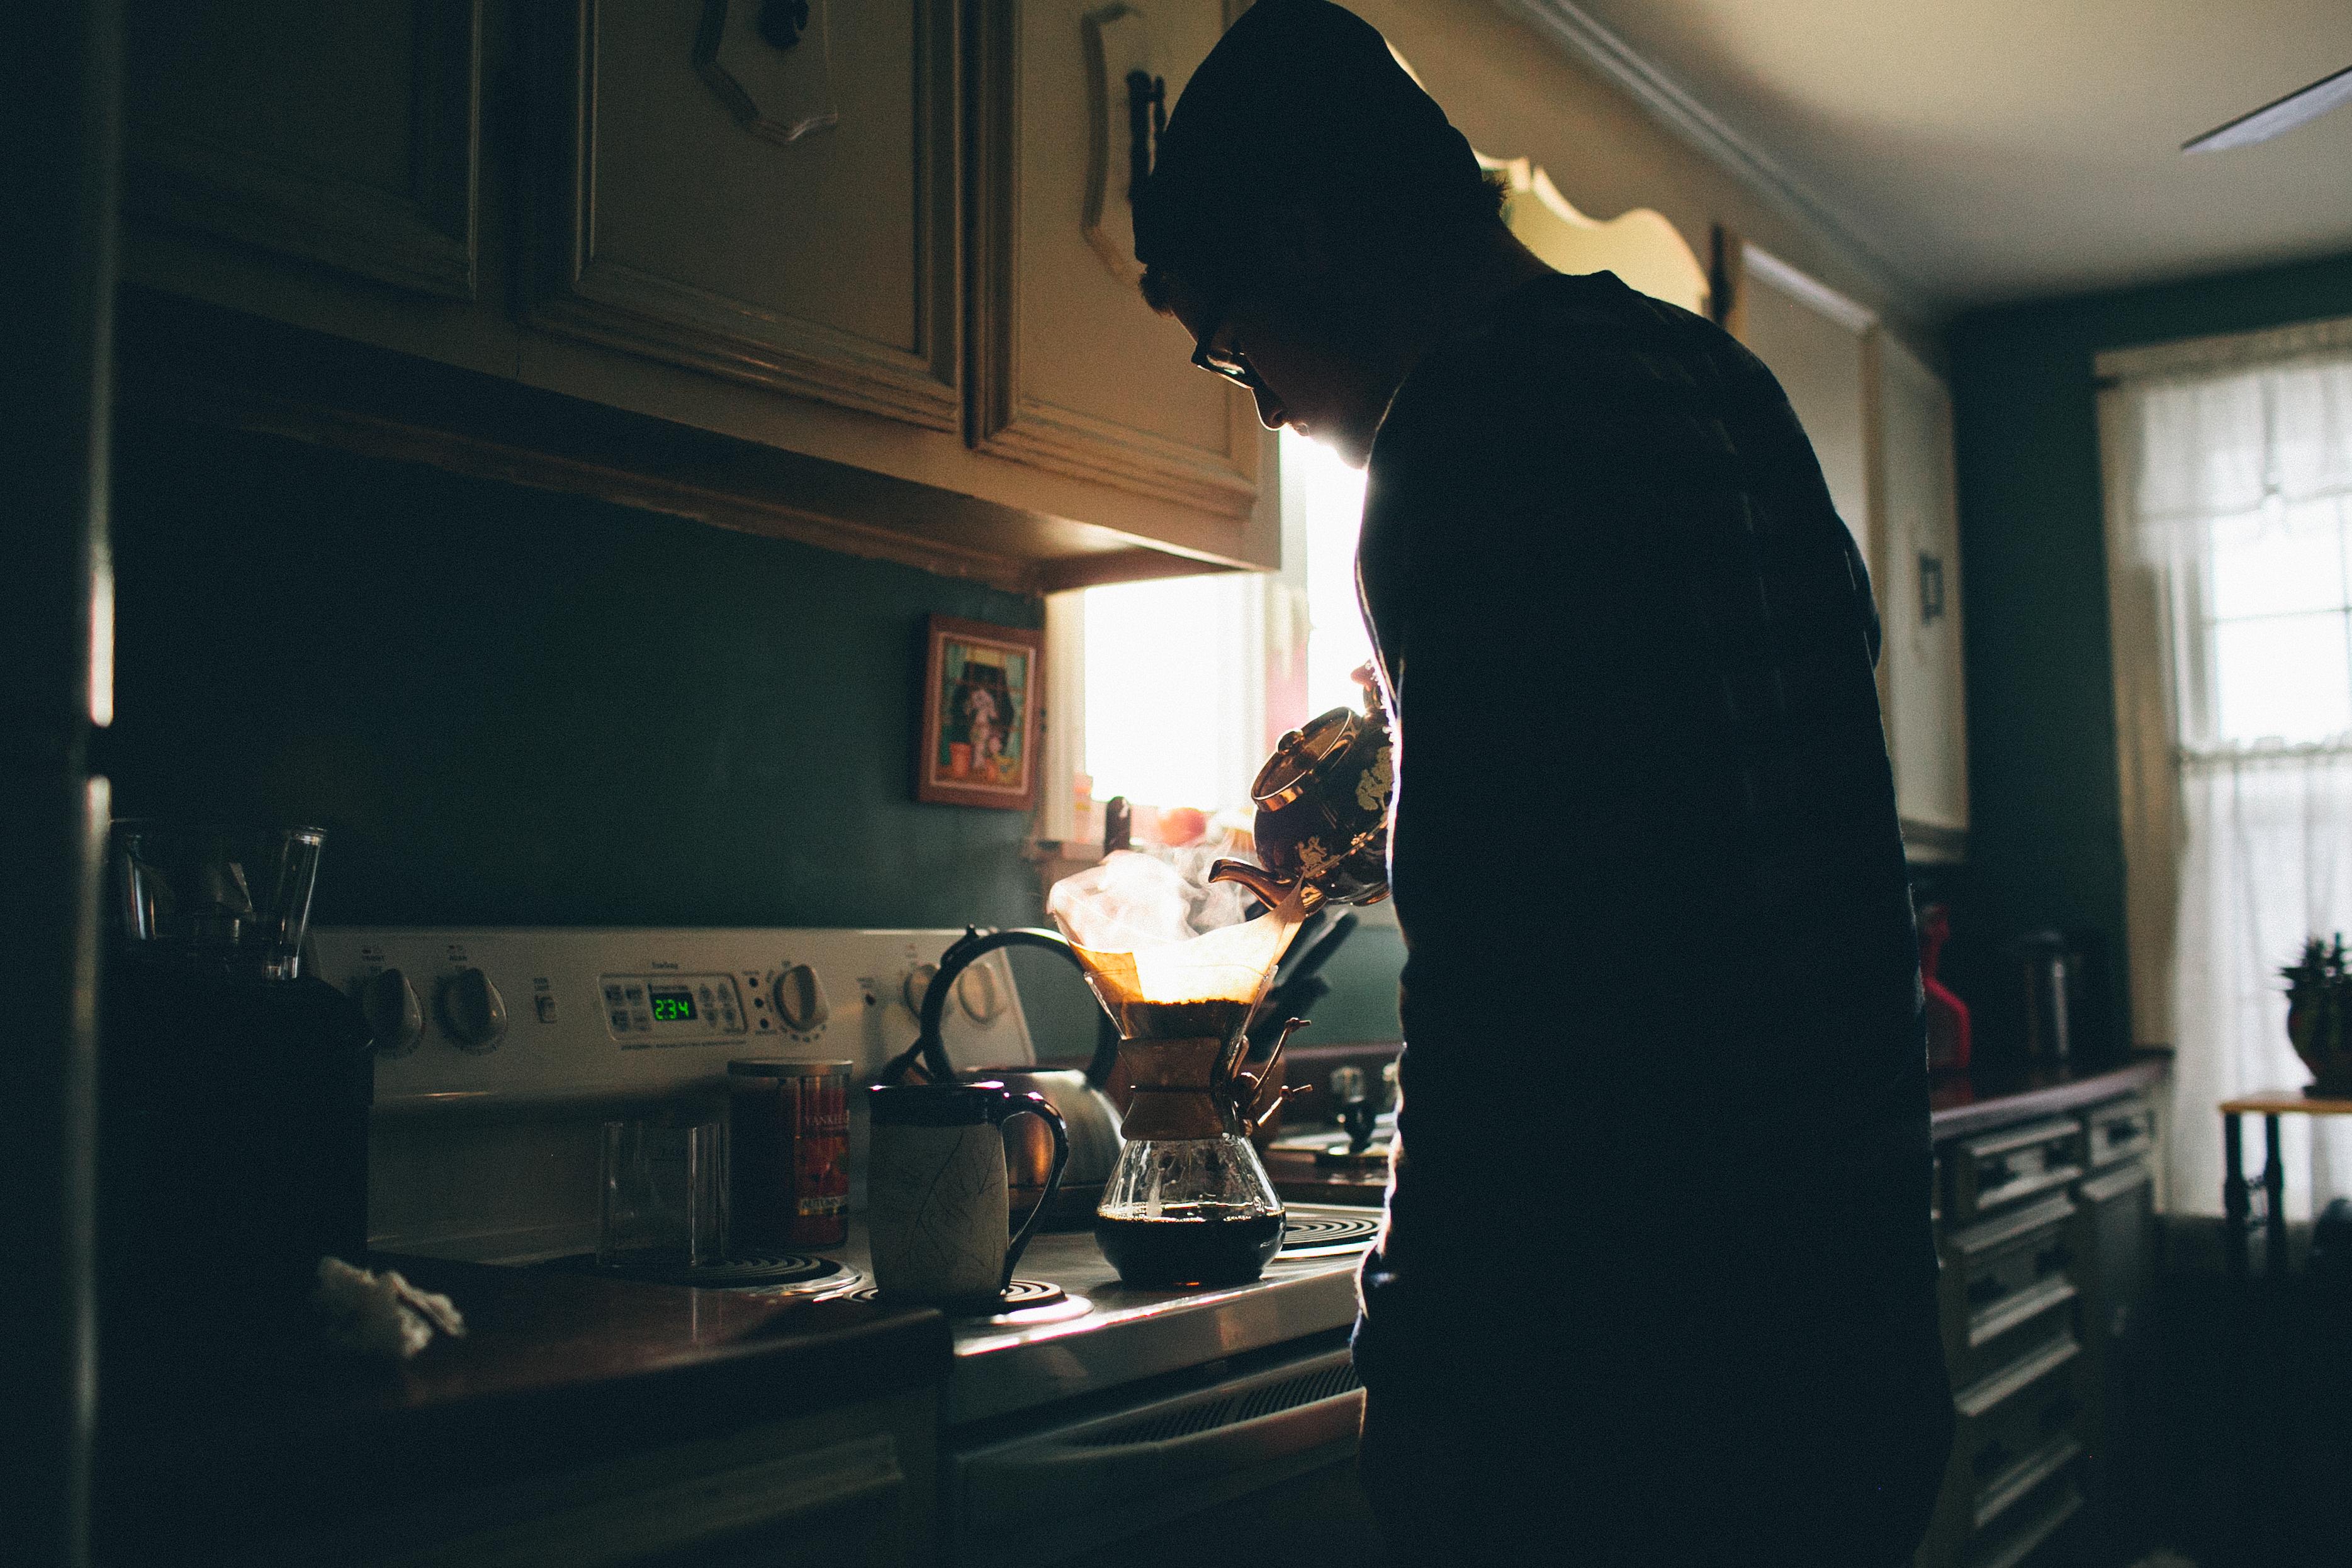 чай в одиночестве картинки советское время